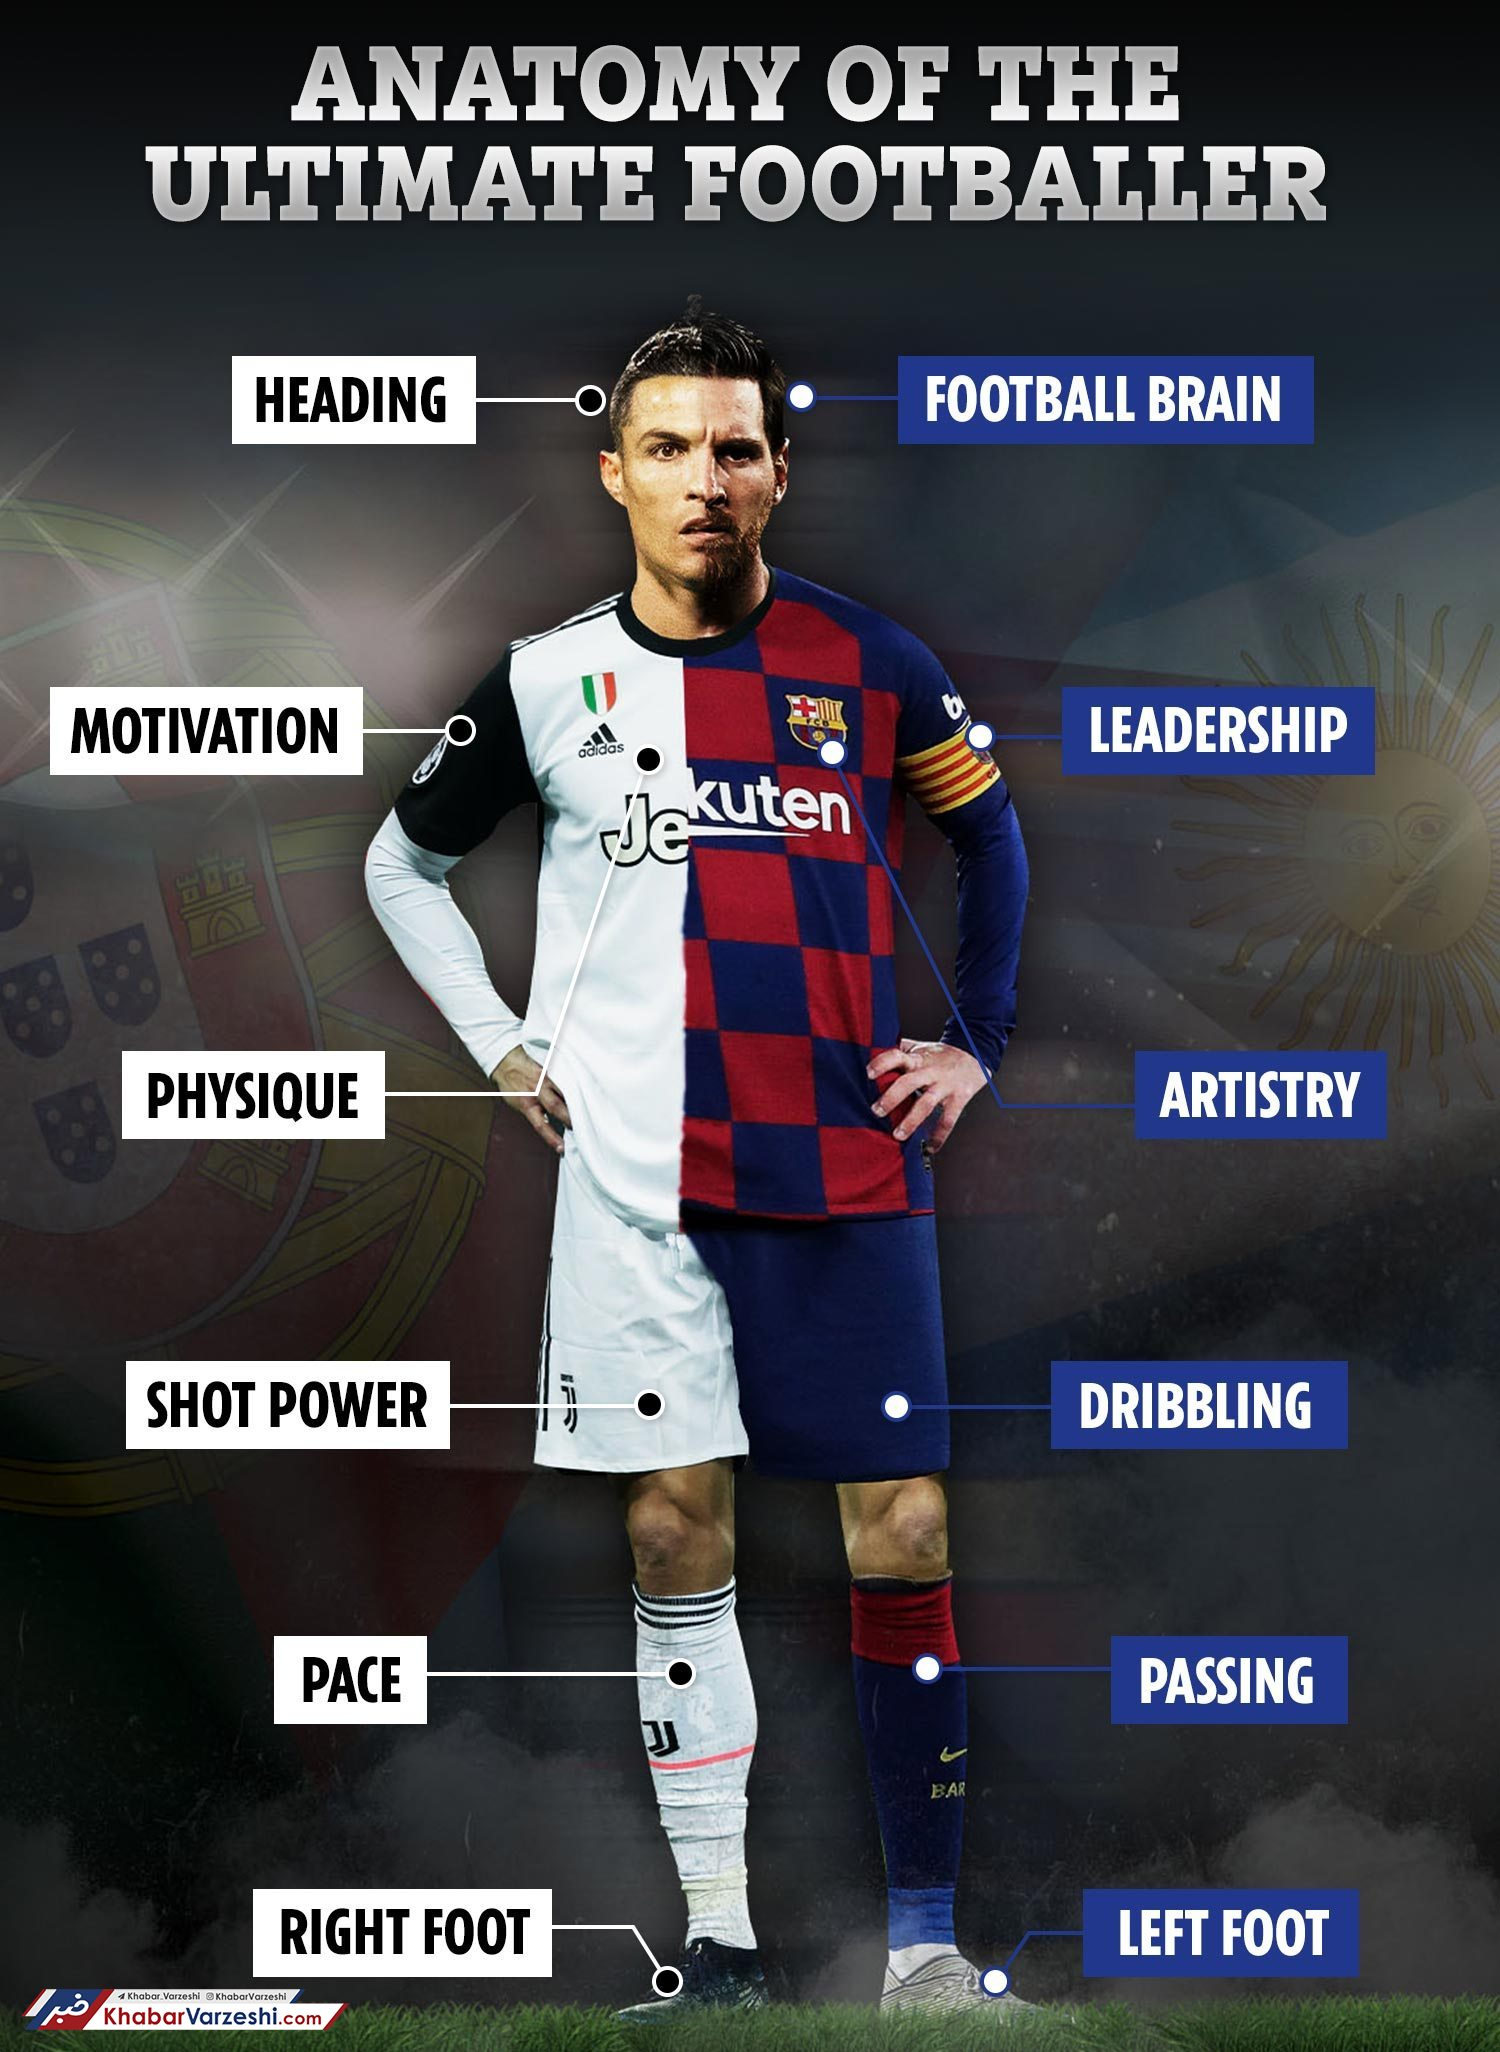 بازیکنی ایدهآل از ترکیب ویژگیهای دو فوقستاره؛ مسی و رونالدو